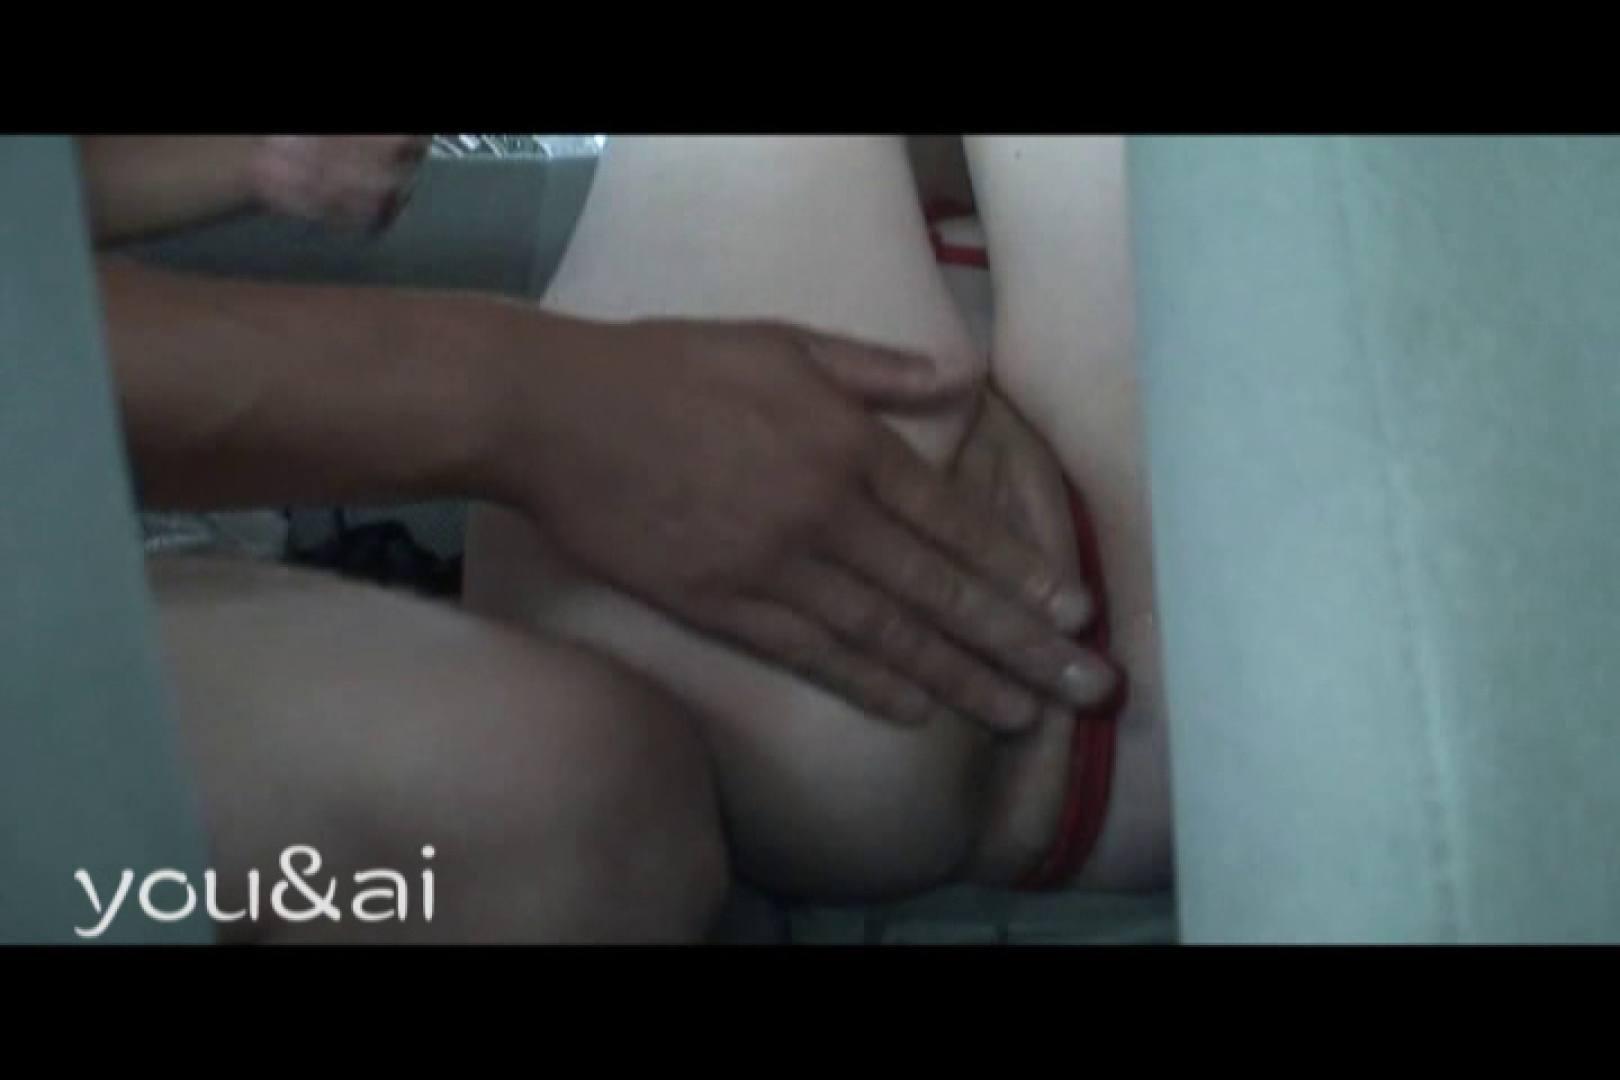 おしどり夫婦のyou&aiさん投稿作品vol.4 野外 AV動画キャプチャ 53連発 25